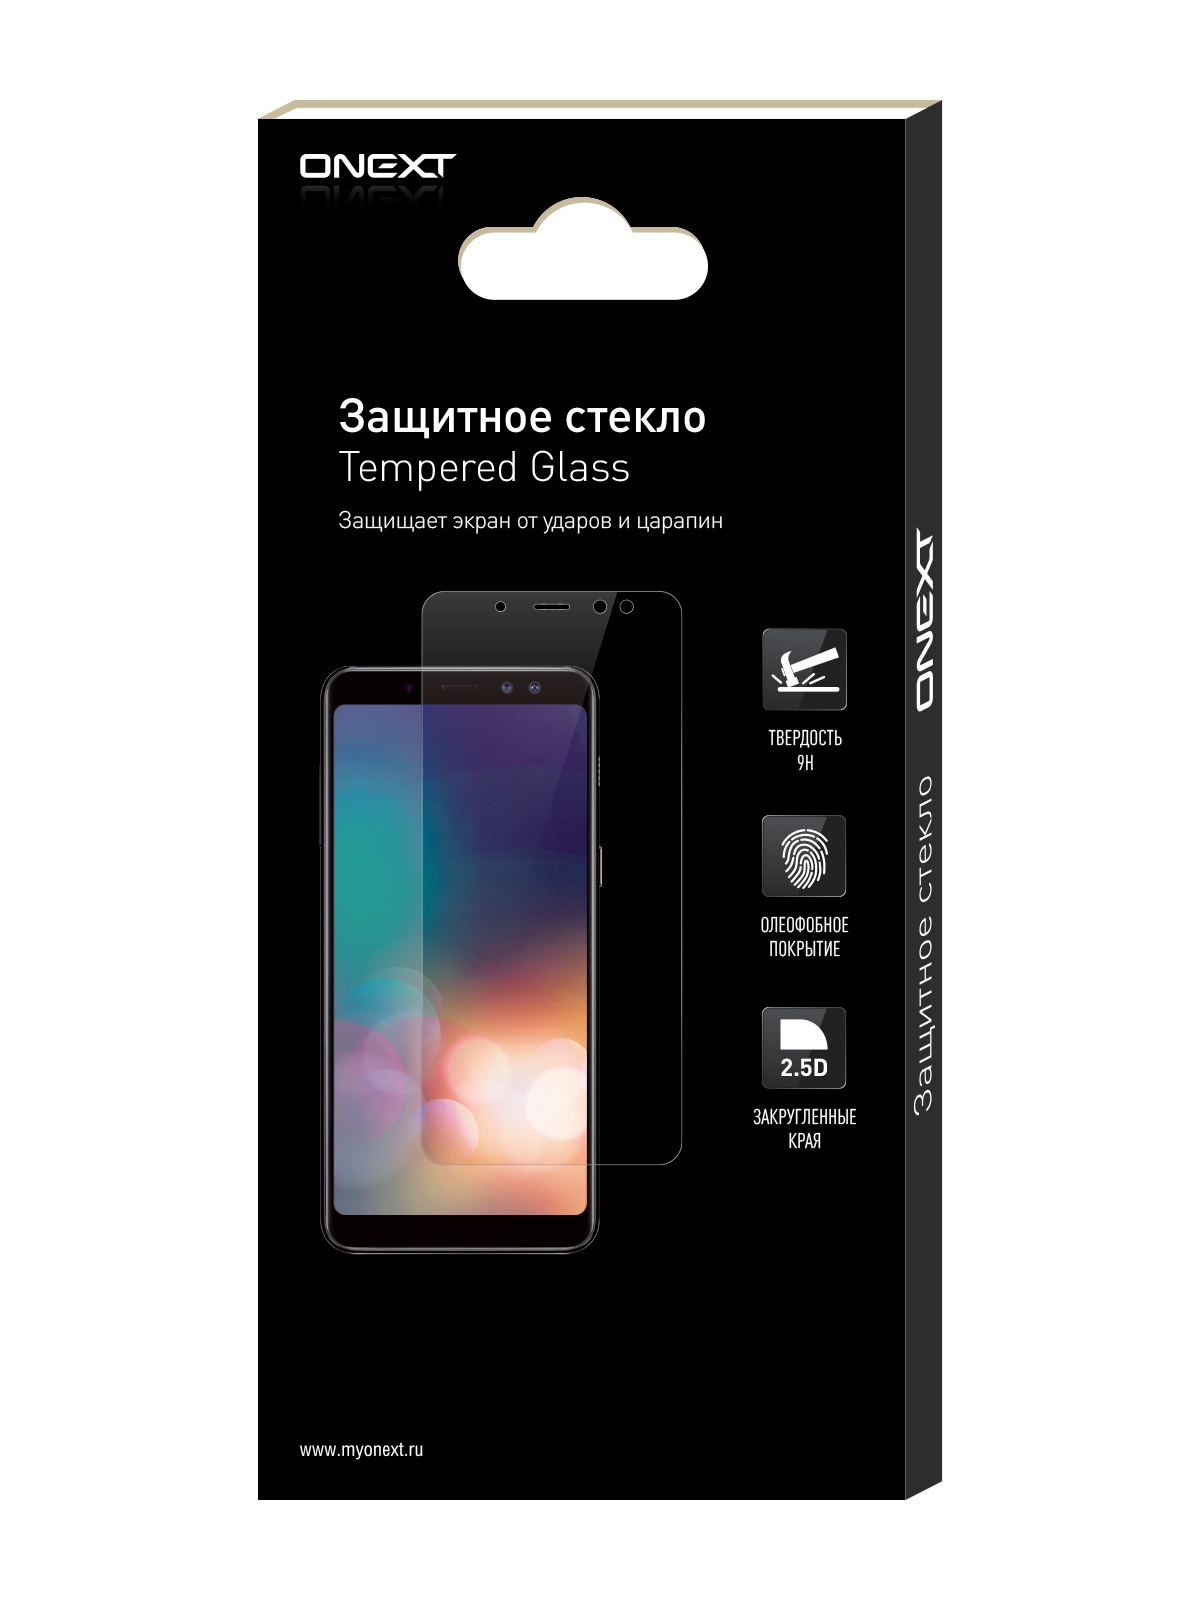 Защитное стекло ONEXT Apple iPhone 6/6S